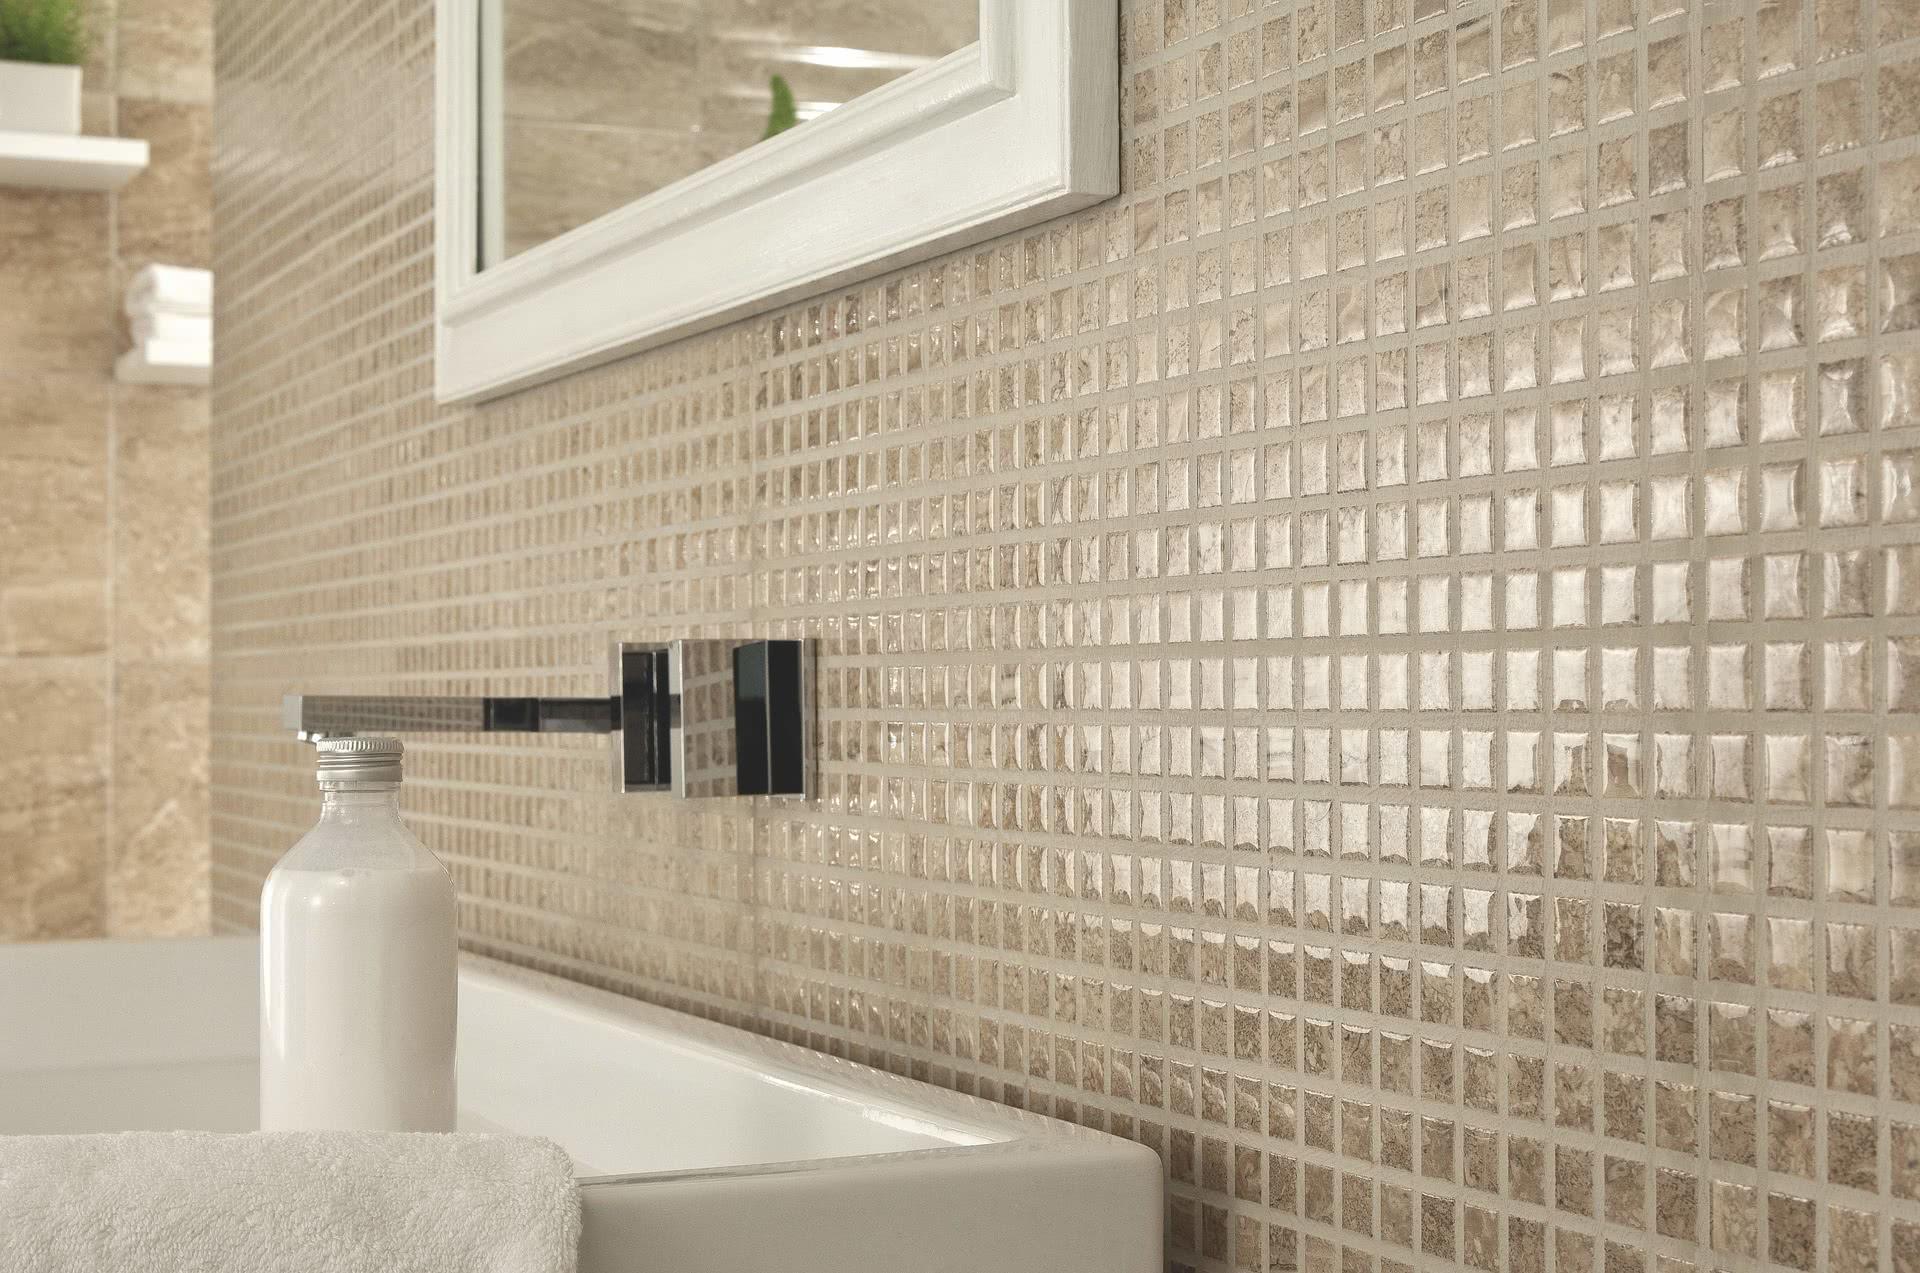 Mosaic Tile Raleigh Nc 27604